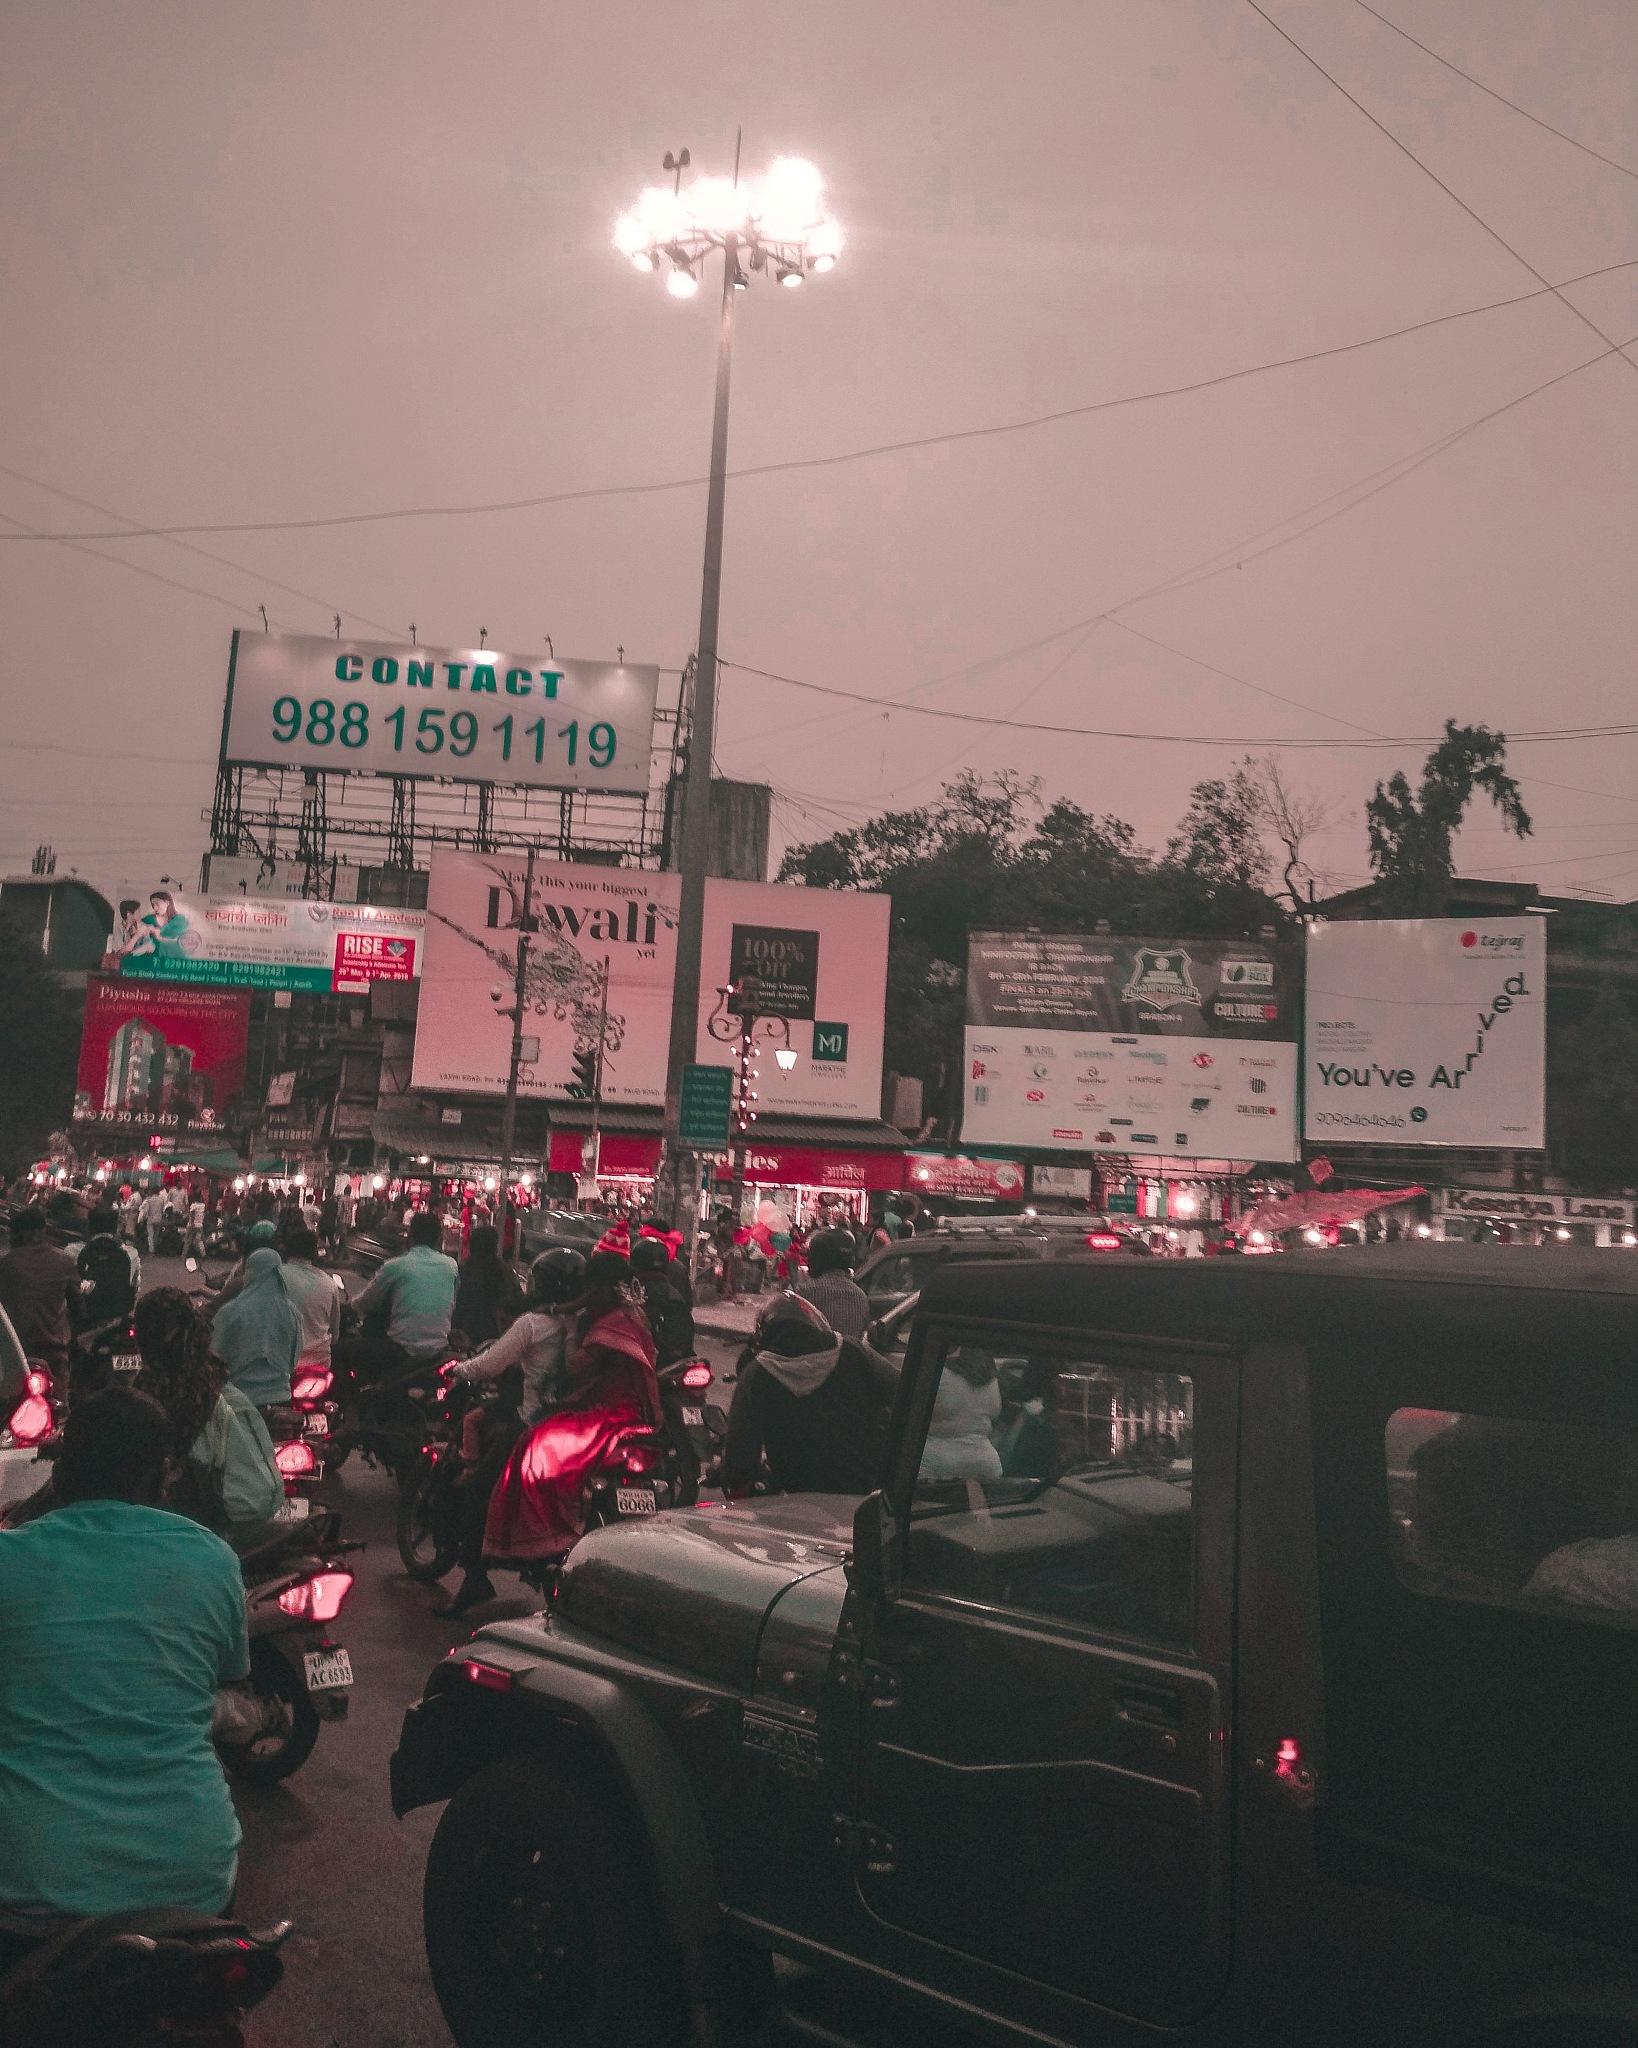 DESATURATED by Anurag Tiwari